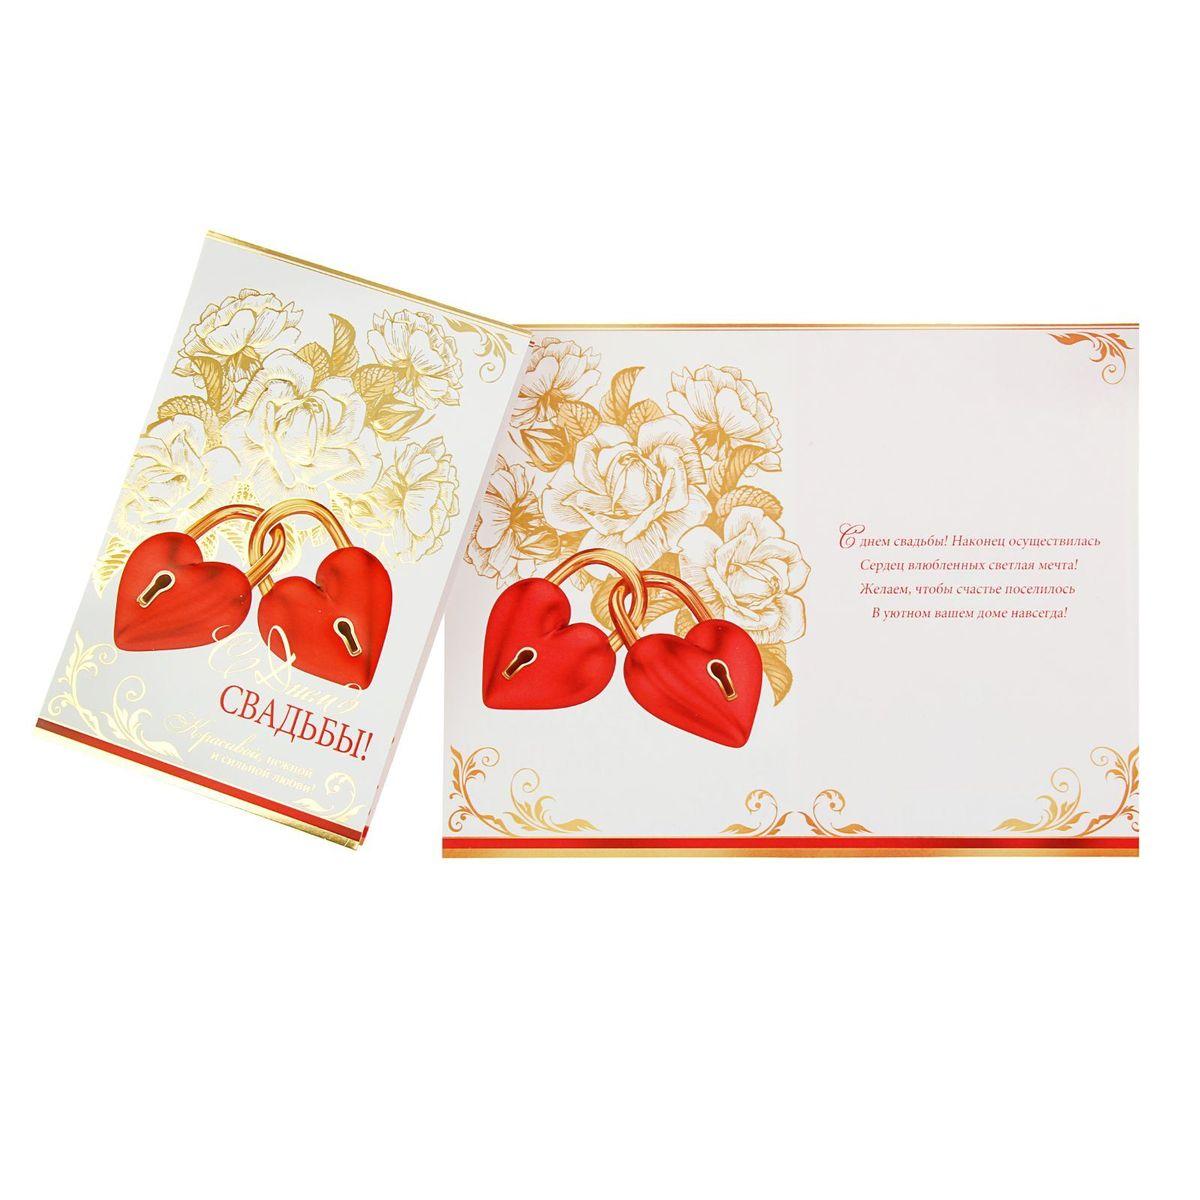 Открытка Мир открыток С Днем Свадьбы! Замочки1323088Если вы хотите порадовать себя или близких, создать праздничное настроение и с улыбкой провести памятный день, то вы, несомненно, сделали правильный выбор! Открытка Мир открыток С Днем Свадьбы! Замочки, выполненная из картона, отличается не только оригинальным дизайном, но и высоким качеством.Лицевая сторона изделия оформлена красивым изображением красных замков в форме сердец и дополнена фольгированным тиснением конгрев. Внутри открытка содержит текст с поздравлением.Такая открытка непременно порадует получателя и станет отличным напоминанием о проведенном вместе времени.